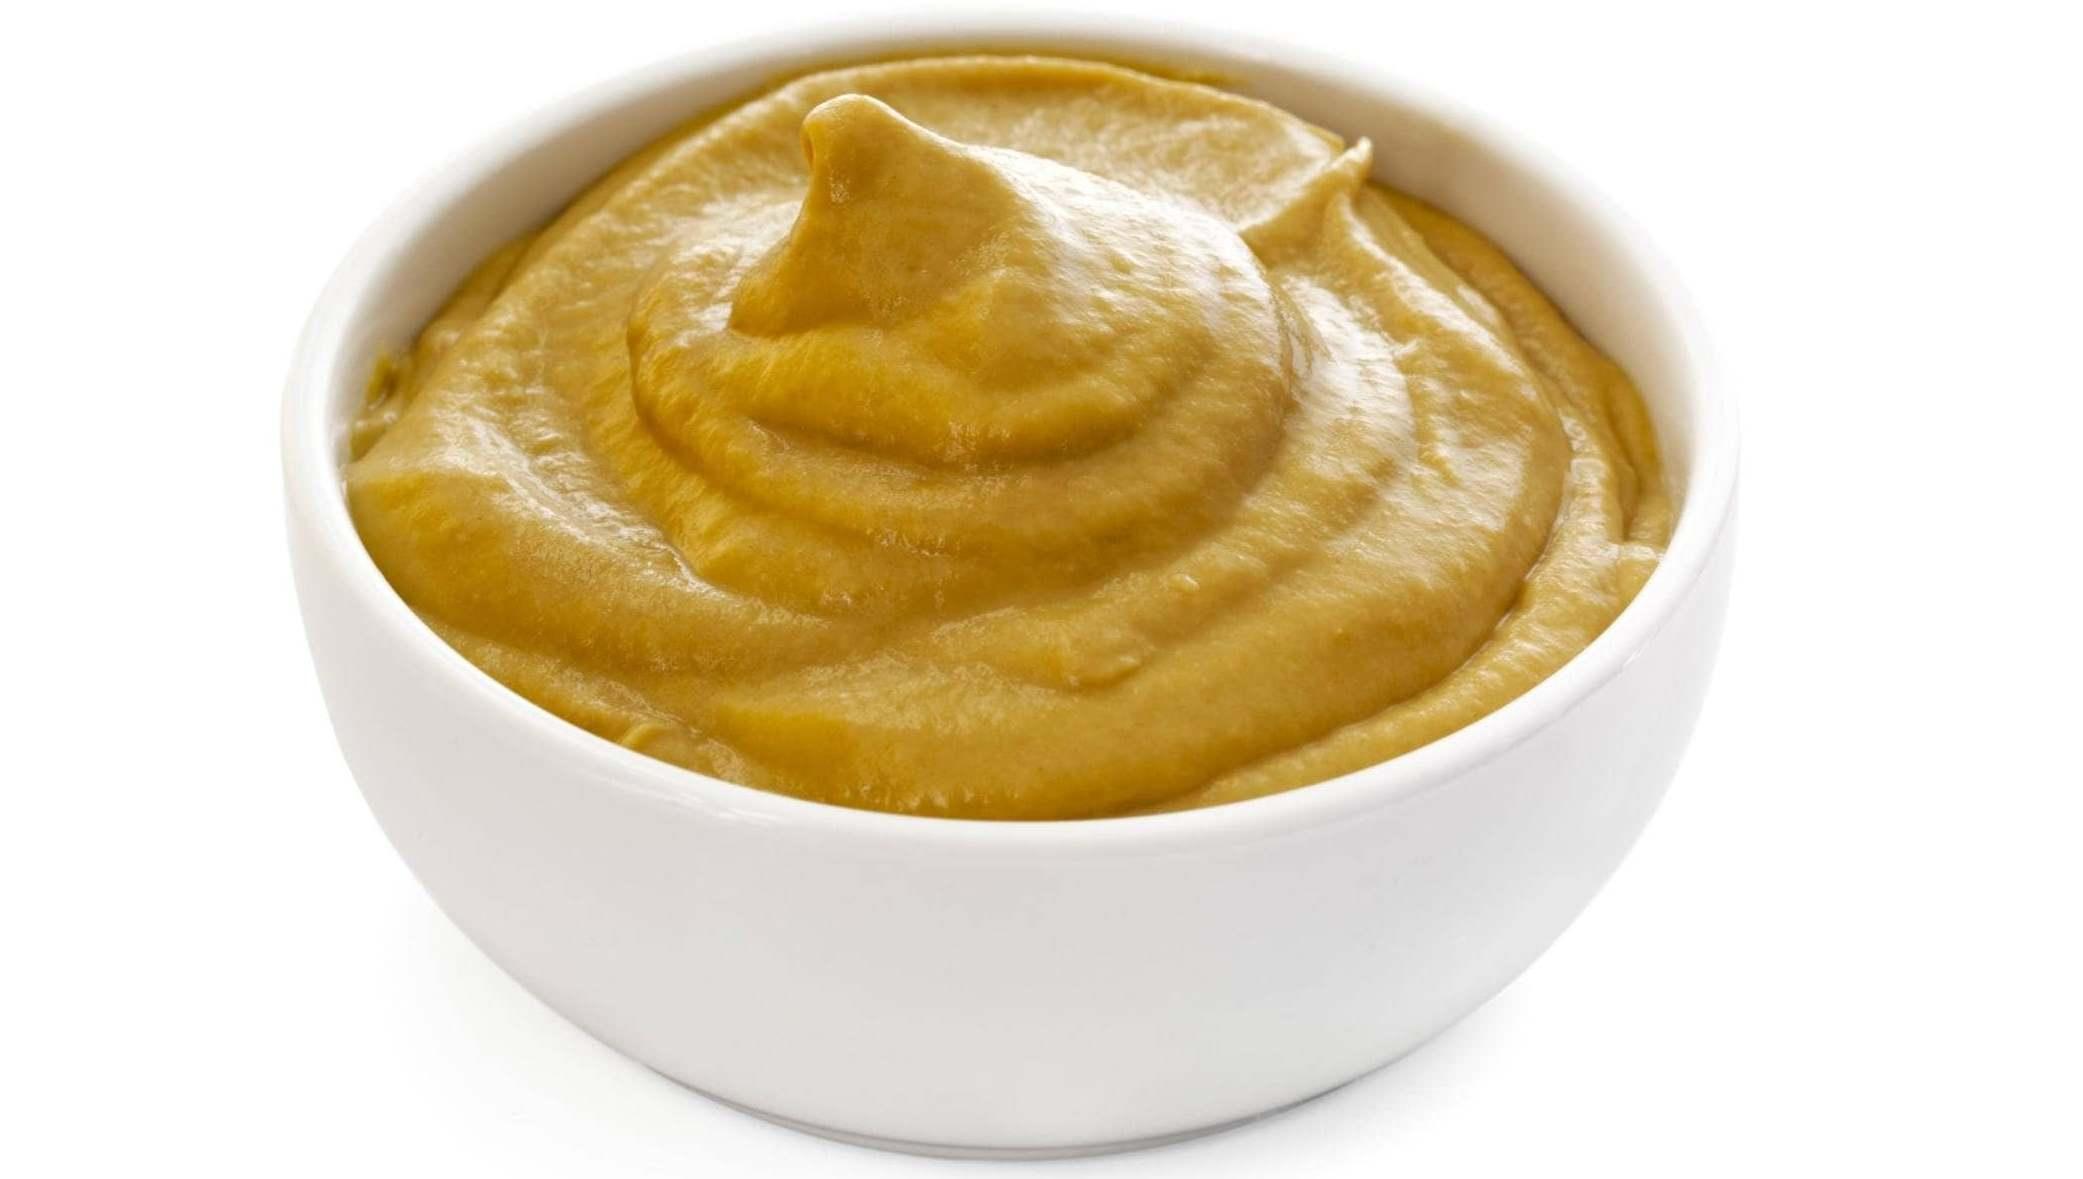 Маска из горчицы и сметаны питает и стимулирует рост волос, при этом приготовить ее можно самостоятельно в домашних условиях